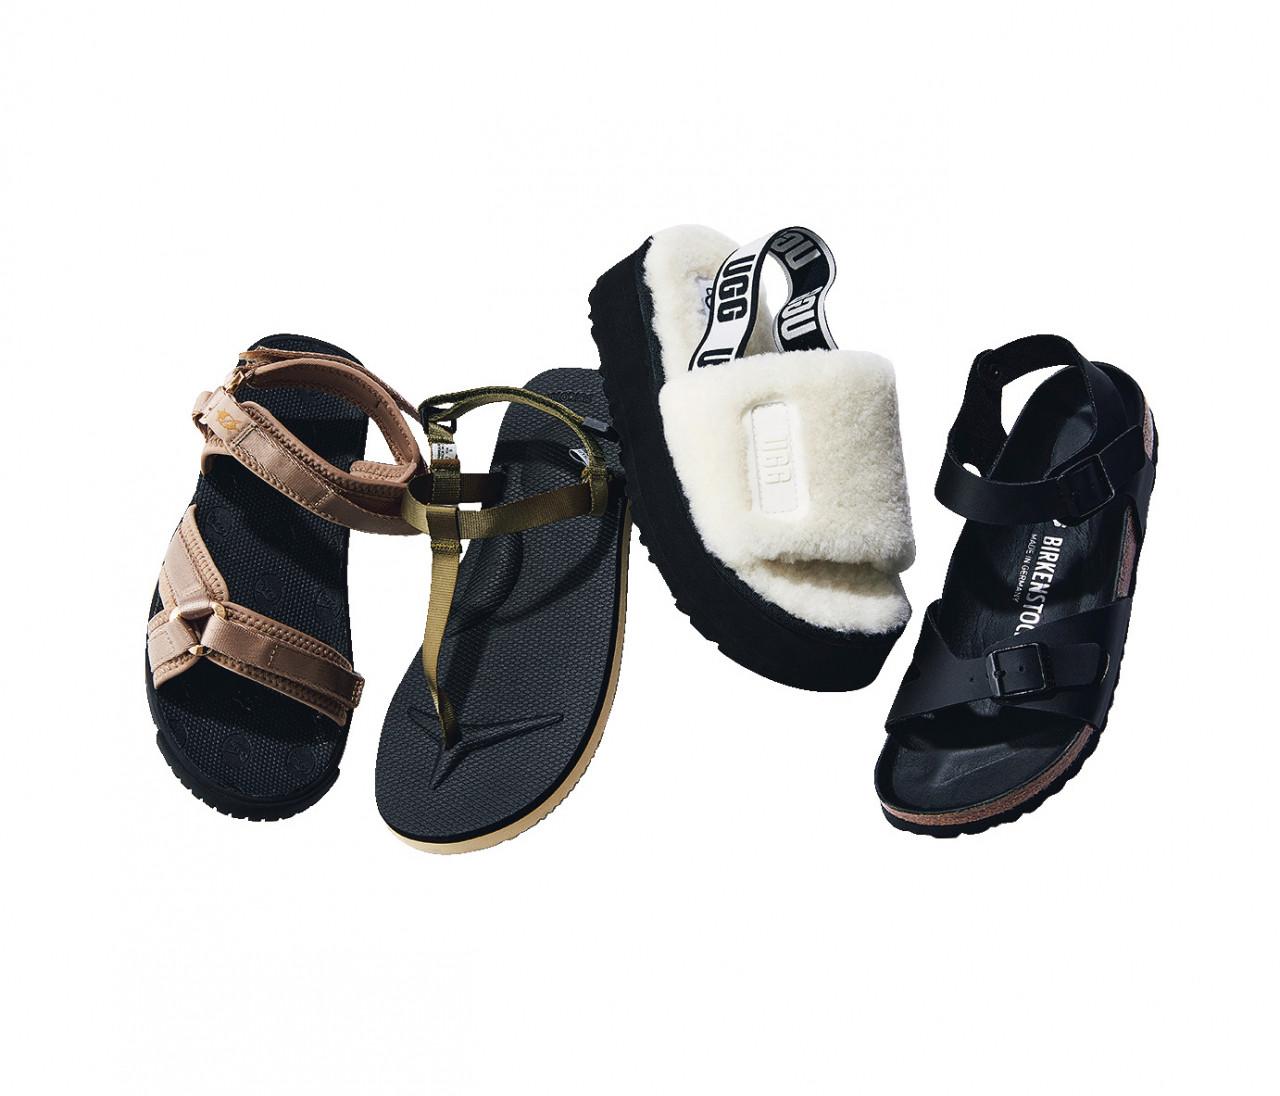 【人気ブランドのスポーツサンダル5選】テバ、ビルケンシュトック、アグetc.大人が履きやすいモデルはこれ!